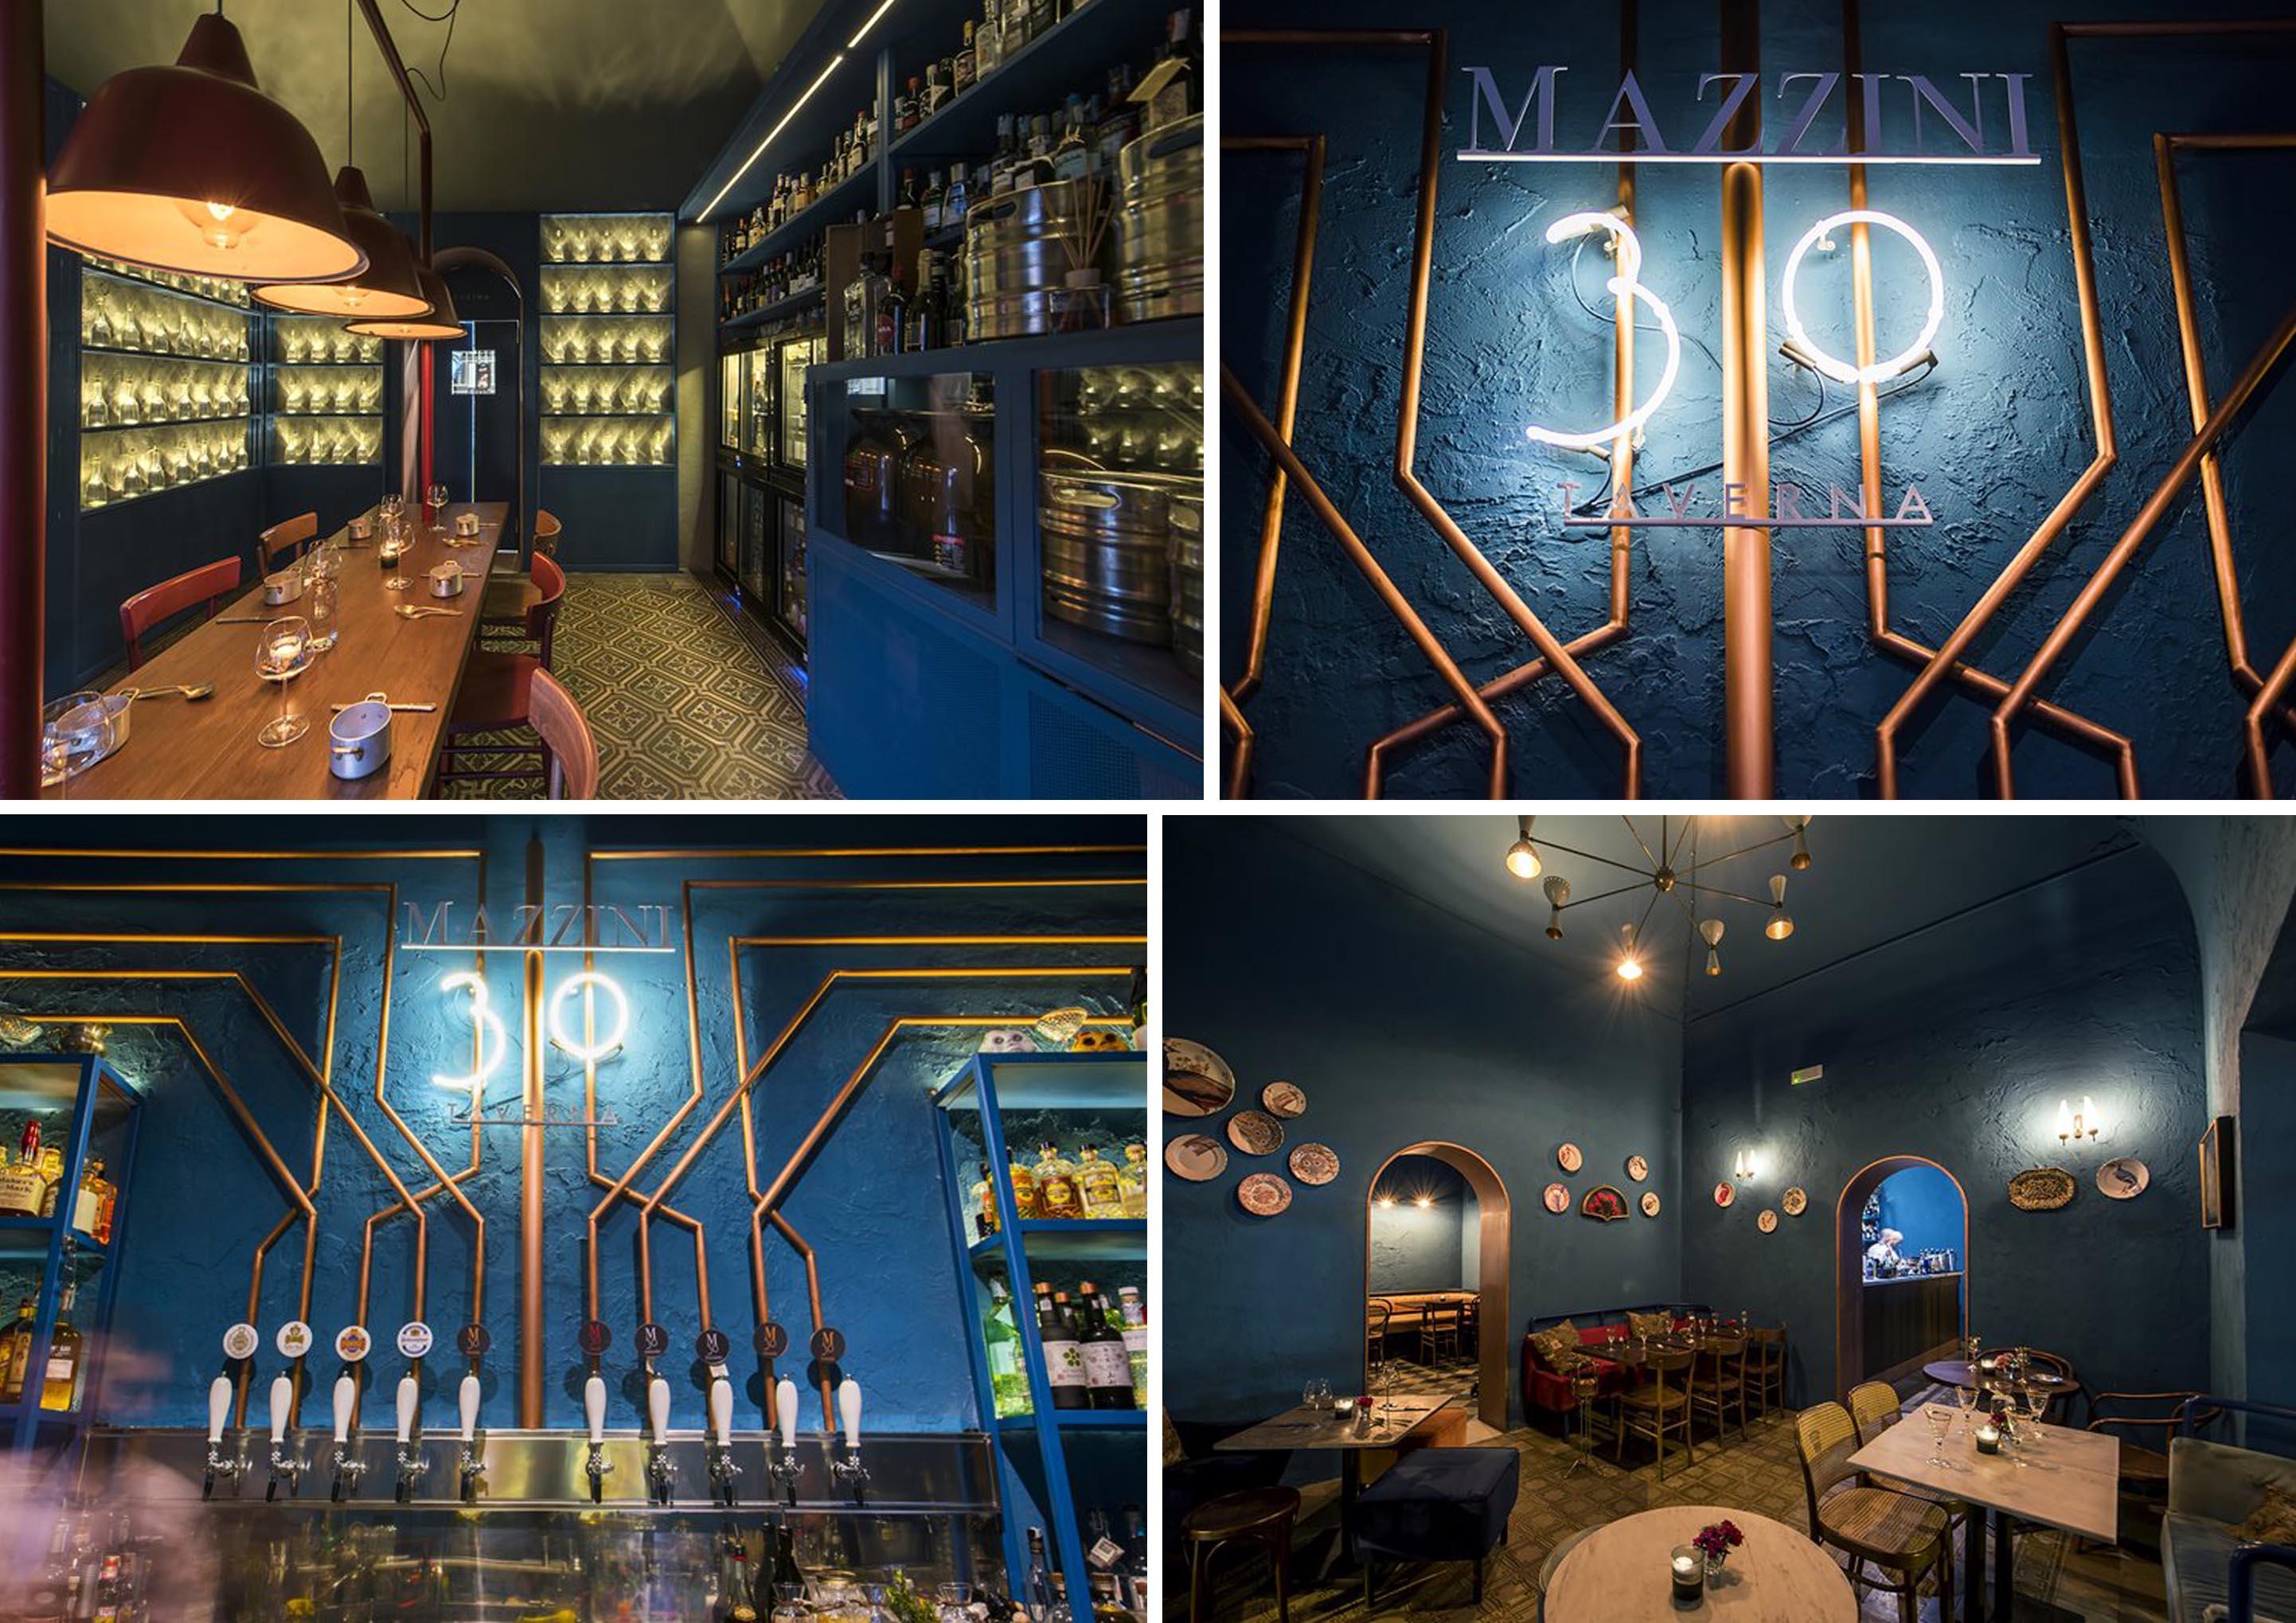 ristorante mazzini 30 taverna a palermo